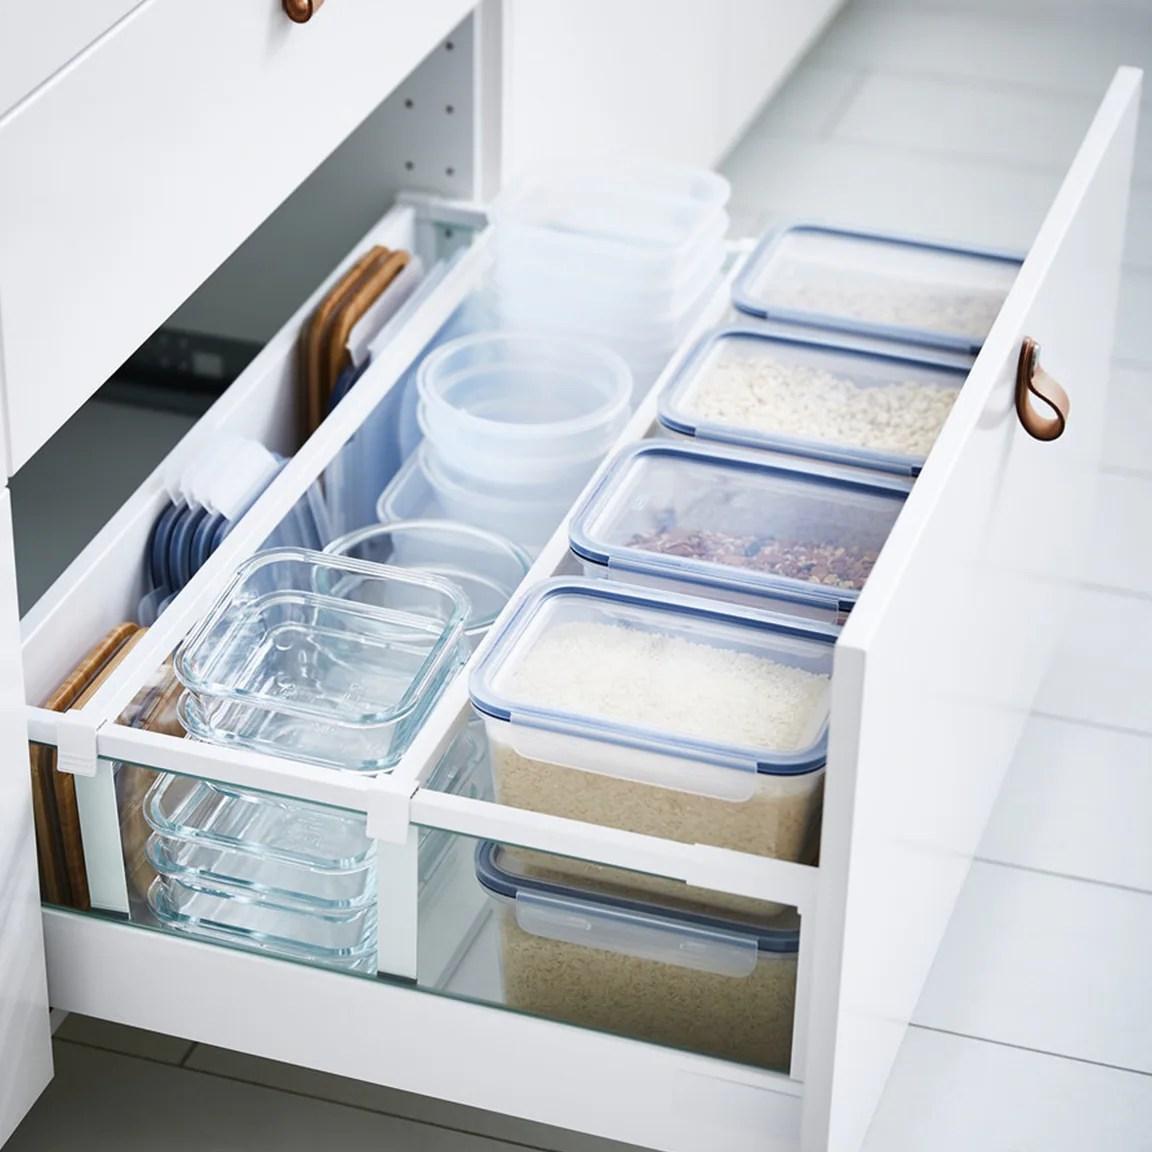 ikea küchenschrank für kühlschrank | preise fingerhaus